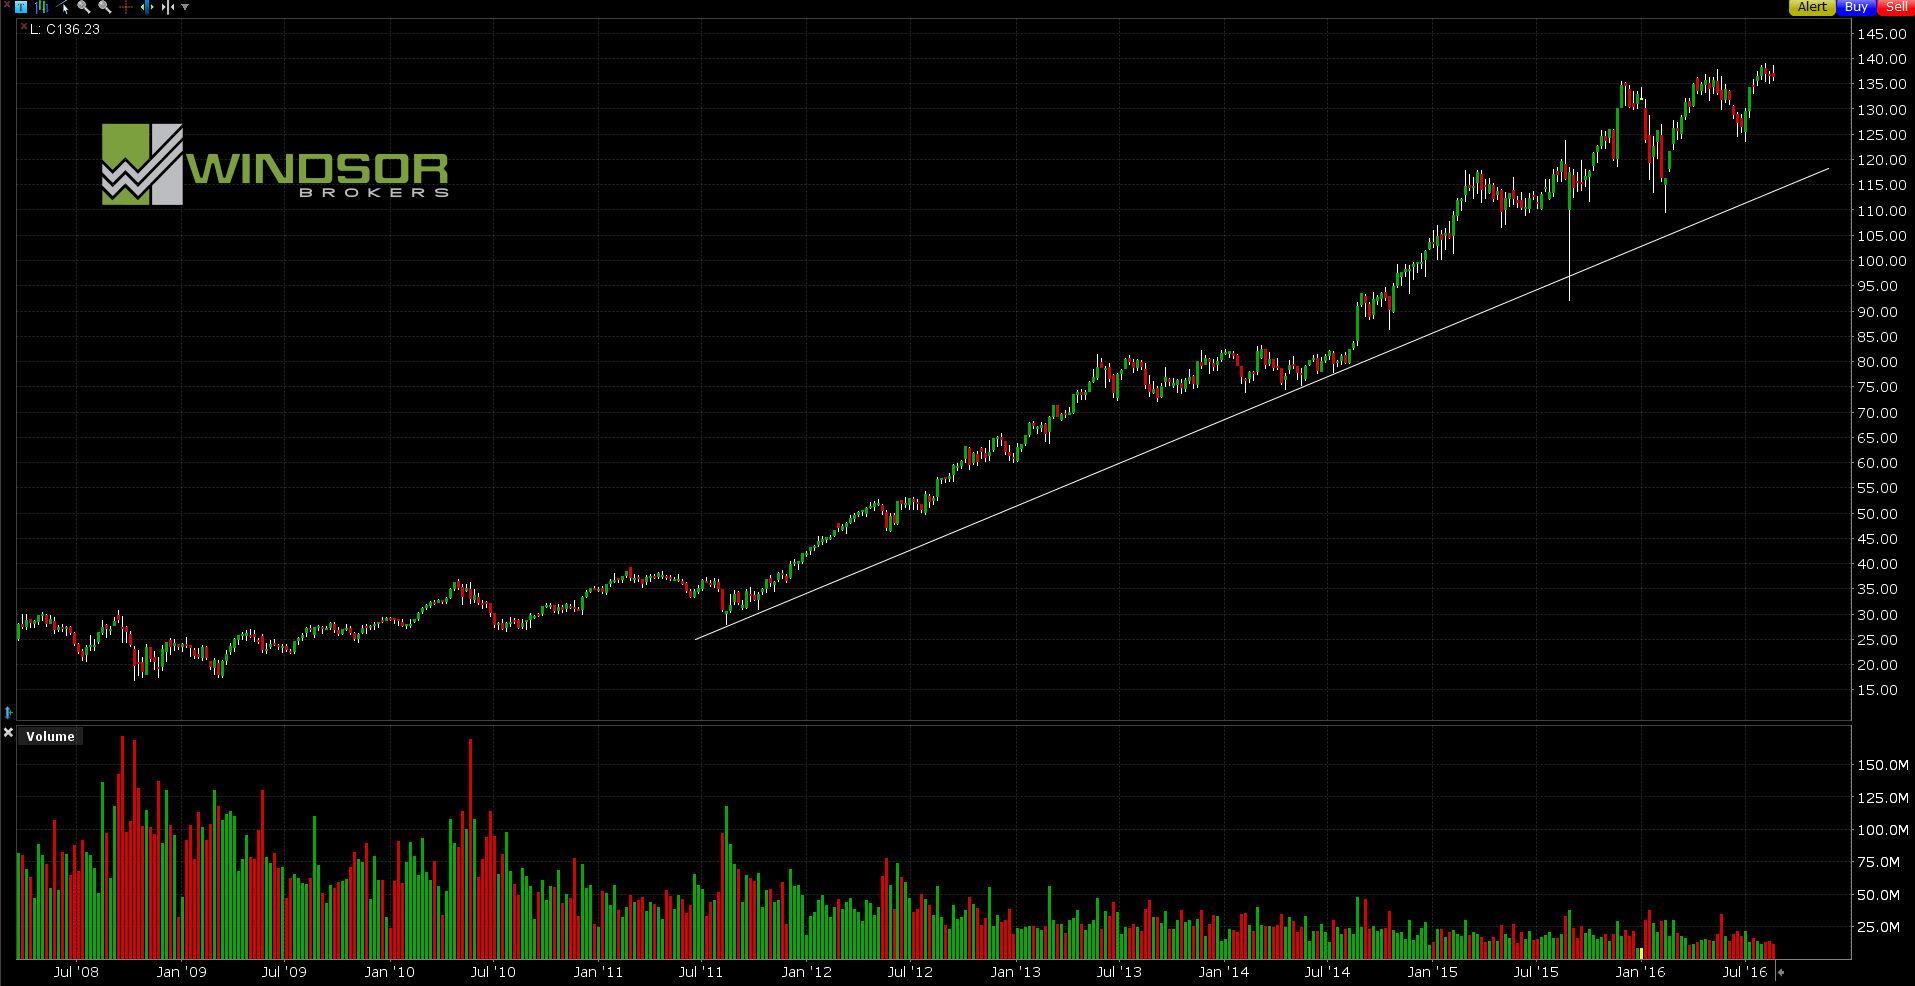 Wykres spółki Home Depot dla interwał W1. All Markets Online.